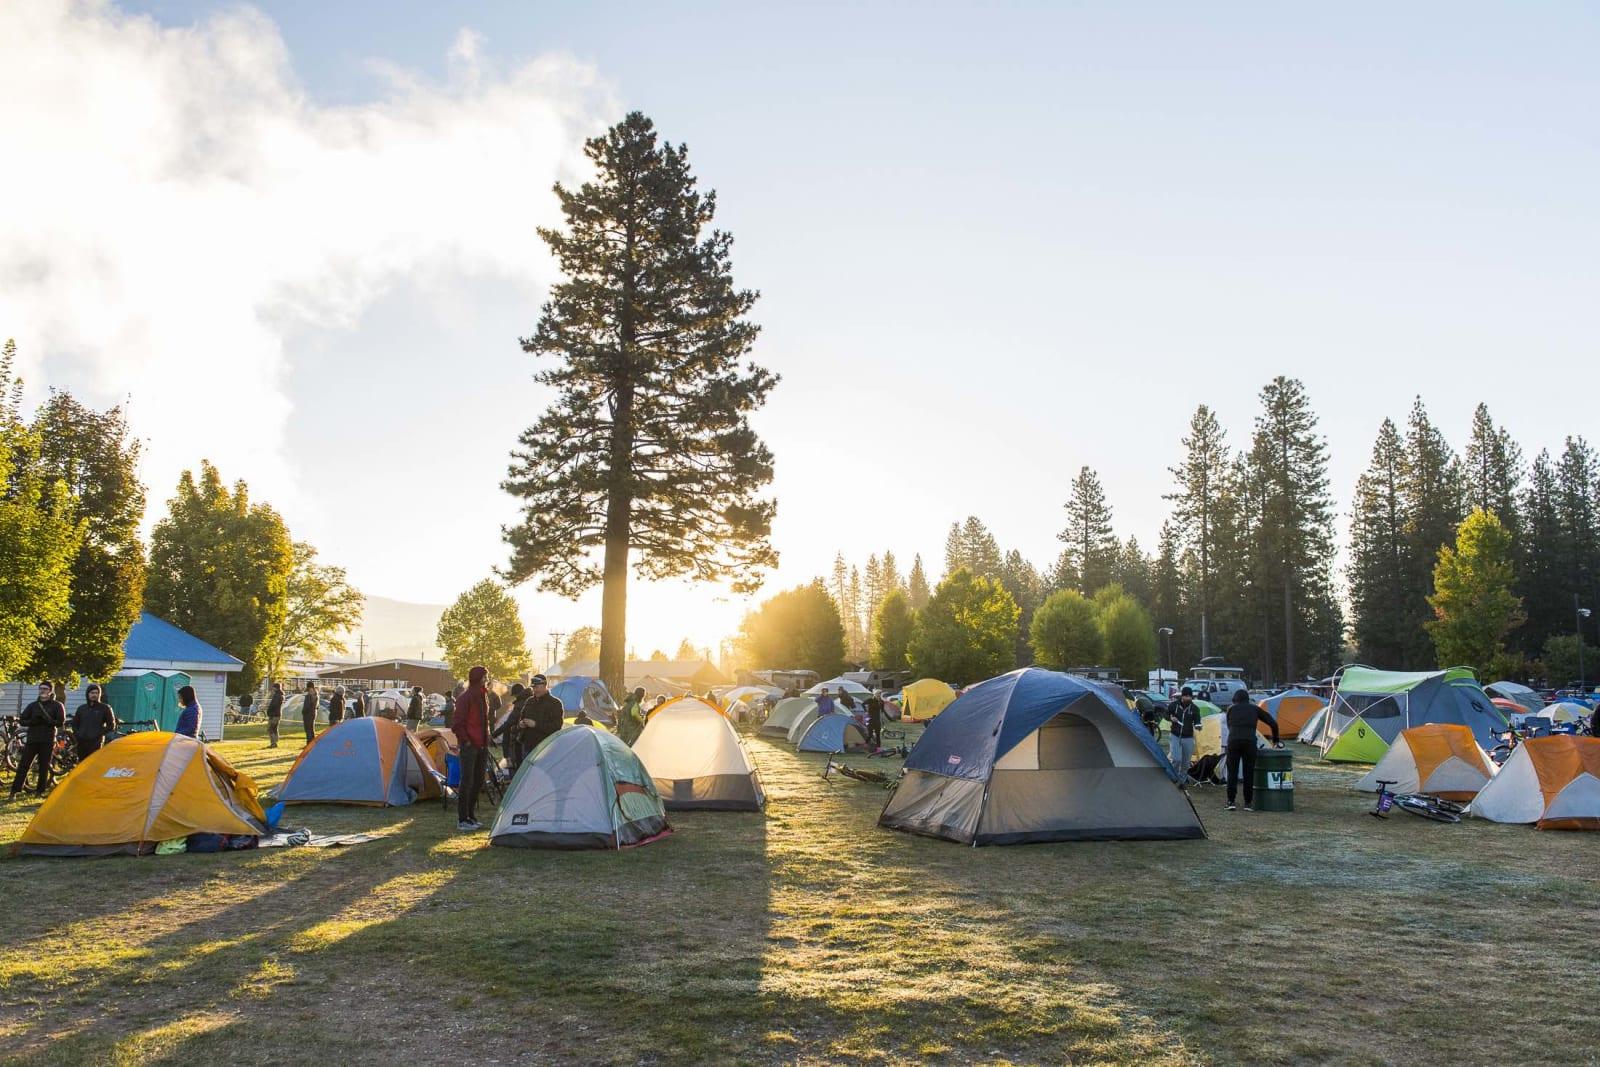 EVENTYRCAMPEN: På Eventyr 2018 sover vi alle i telt. Dusjer og toalett finner du på stedet. Foto: Colin Meagher.